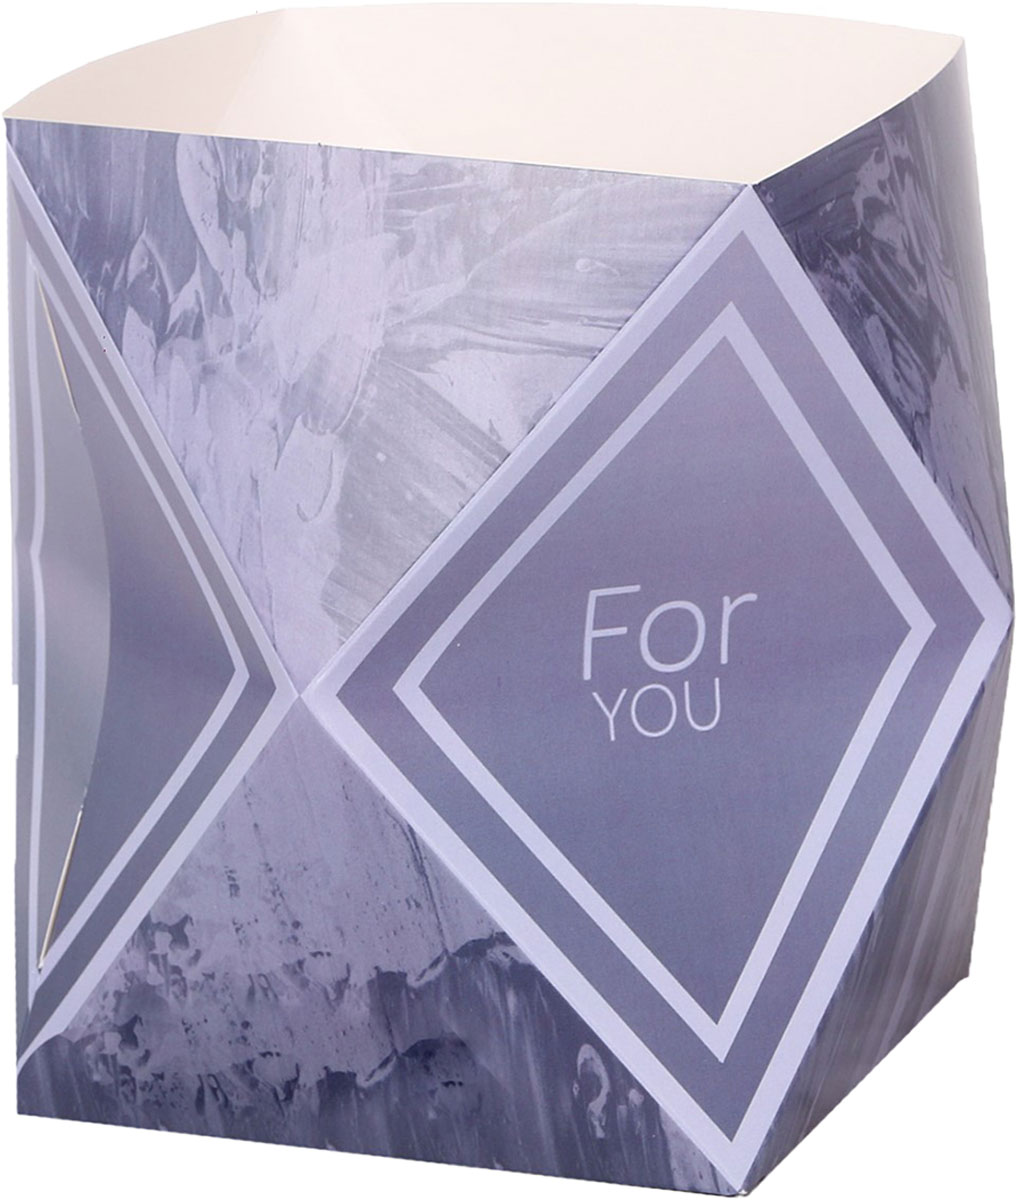 Коробка-ваза Дарите Счастье Лаконичный серый, 59 х 28 см3243933Любой подарок начинается с упаковки. Что может быть трогательнее и волшебнее, чем ритуал разворачивания полученного презента. И именно оригинальная, со вкусом выбранная упаковка выделит ваш подарок из массы других. Она продемонстрирует самые тёплые чувства к виновнику торжества и создаст сказочную атмосферу праздника. Коробка-ваза — это то, что вы искали.